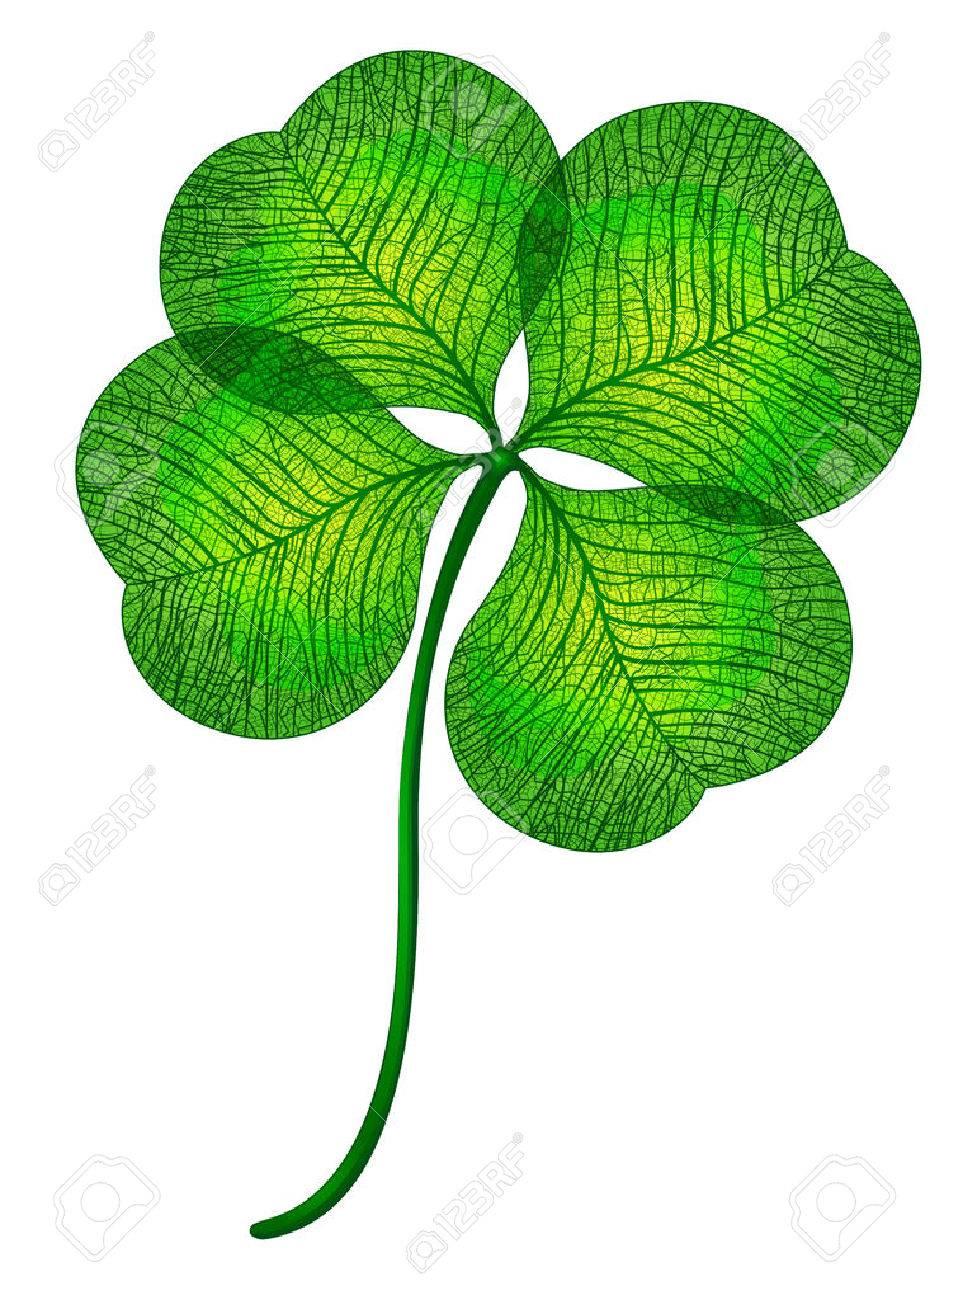 Four leaf clover isolated. - 28132832